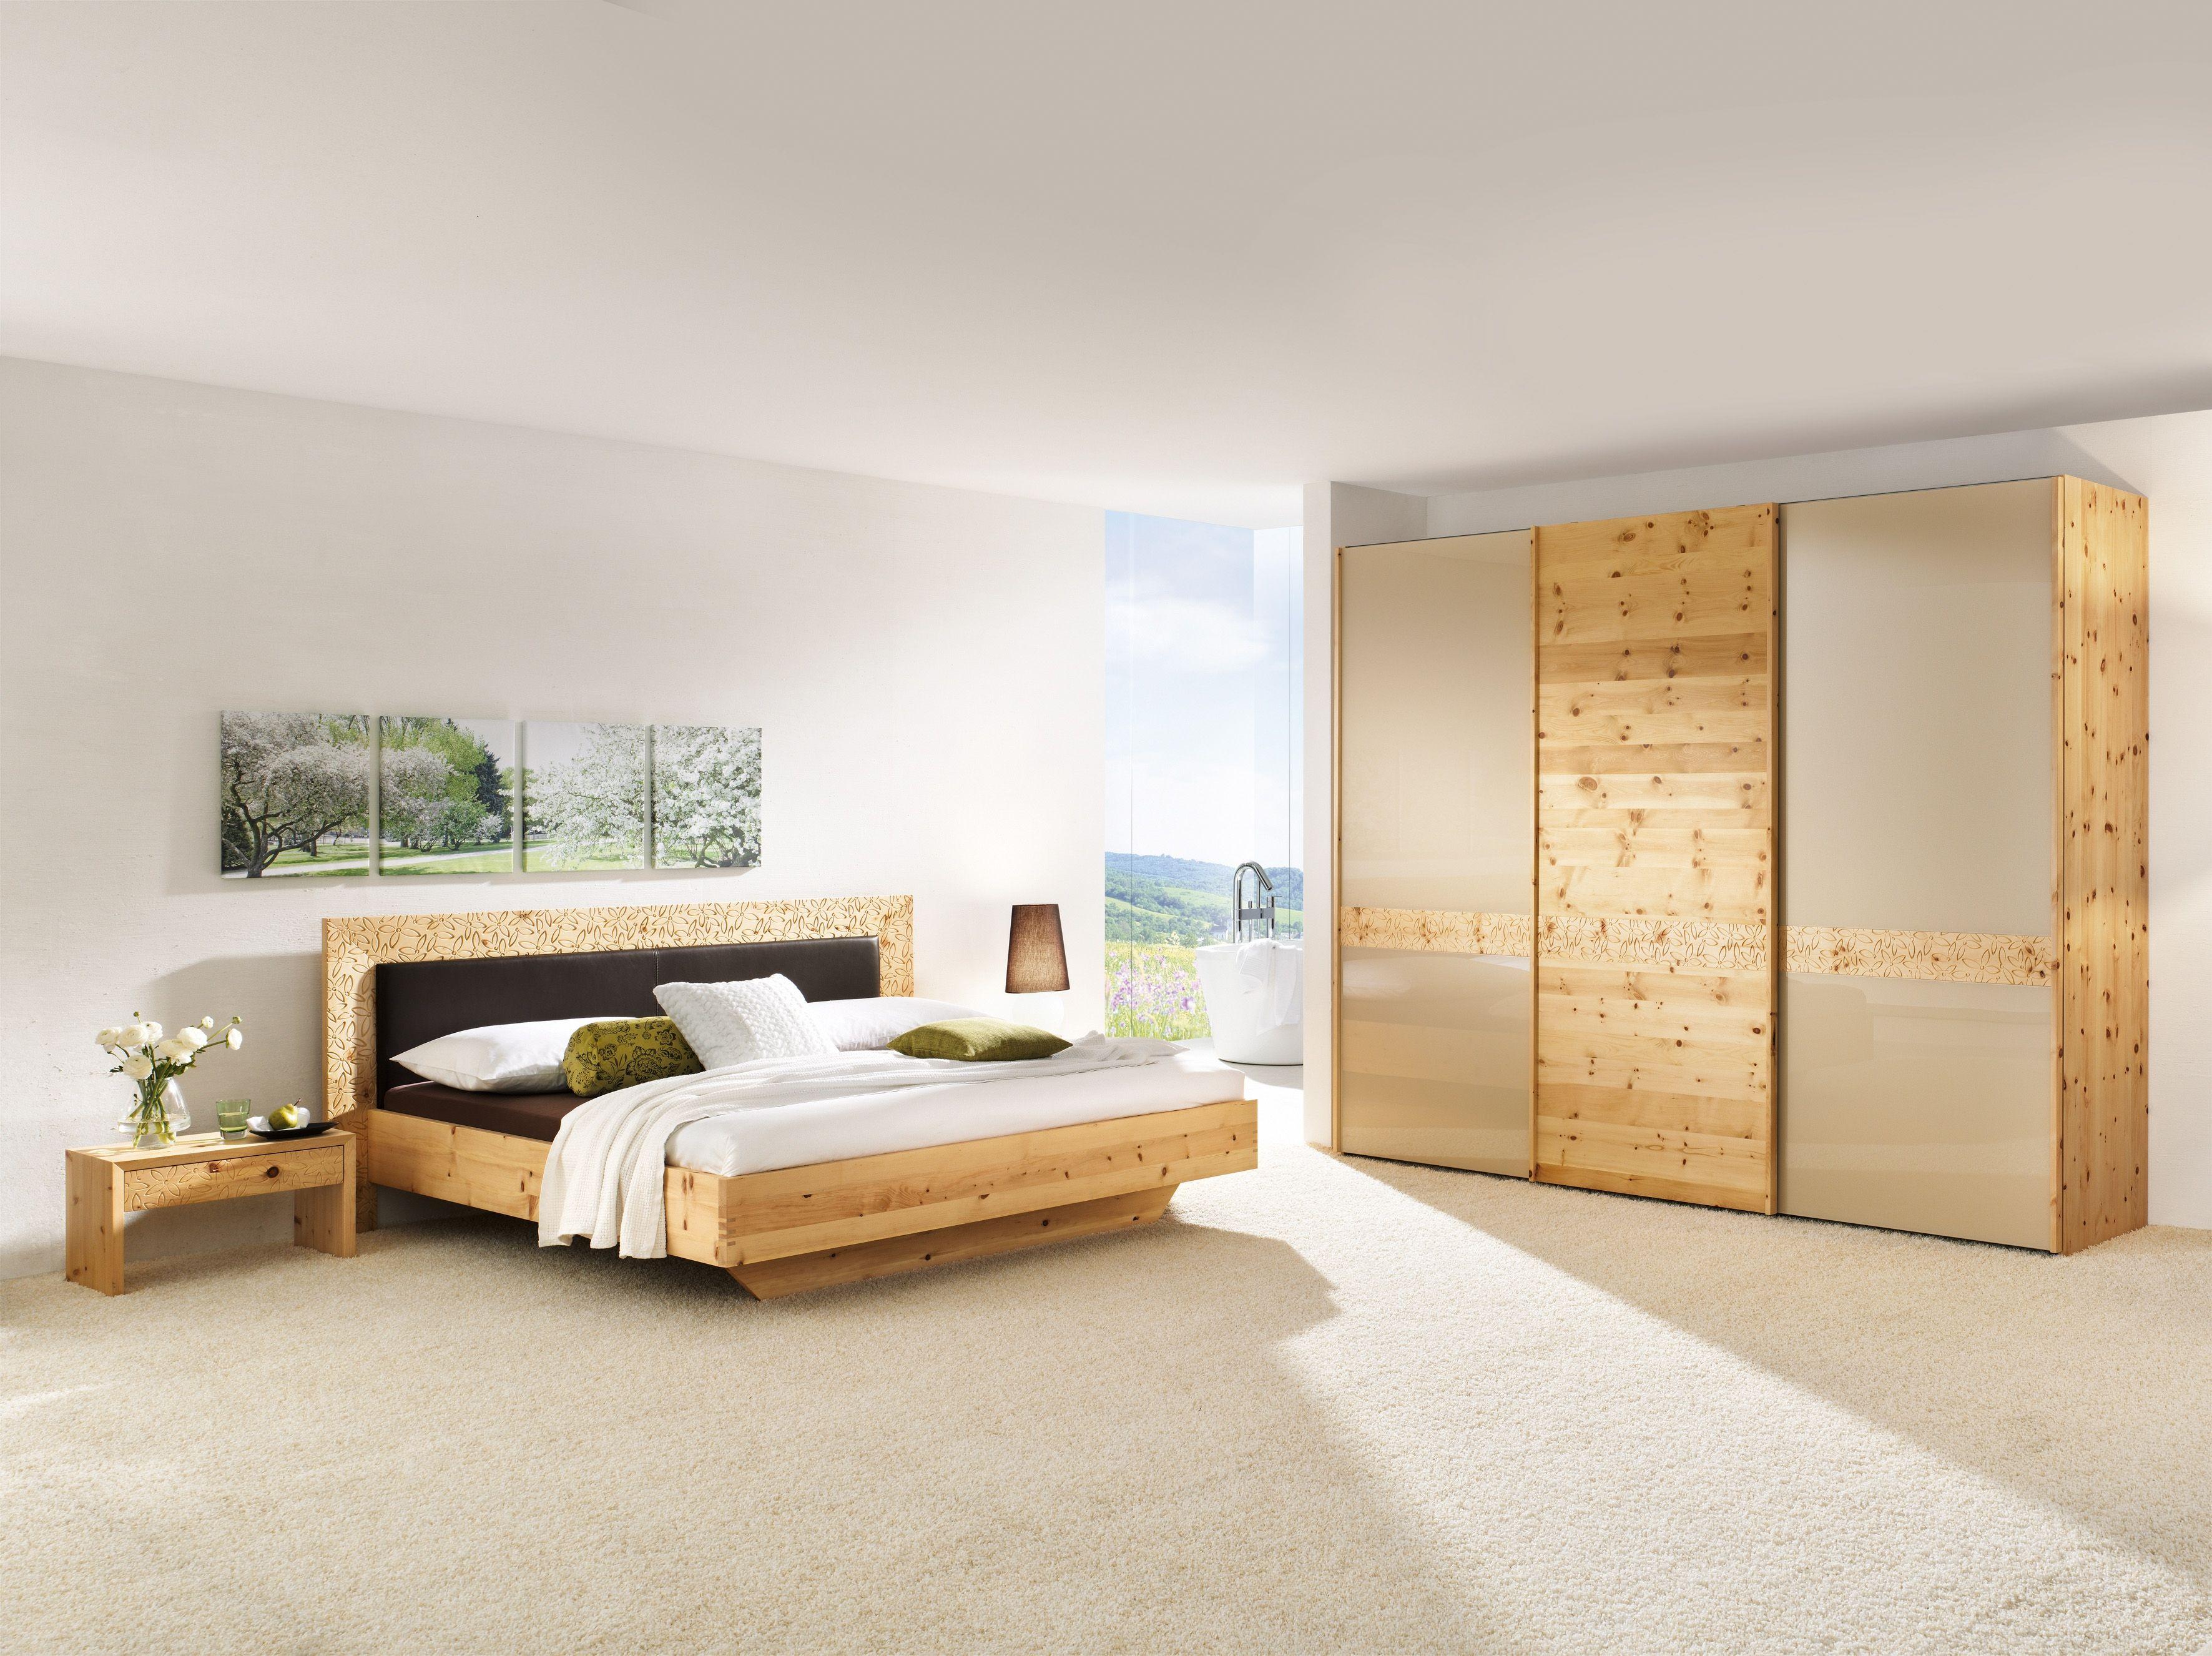 Massivholzbett design  Gästezimmer Massivholzbett | Zirbe | Pinterest